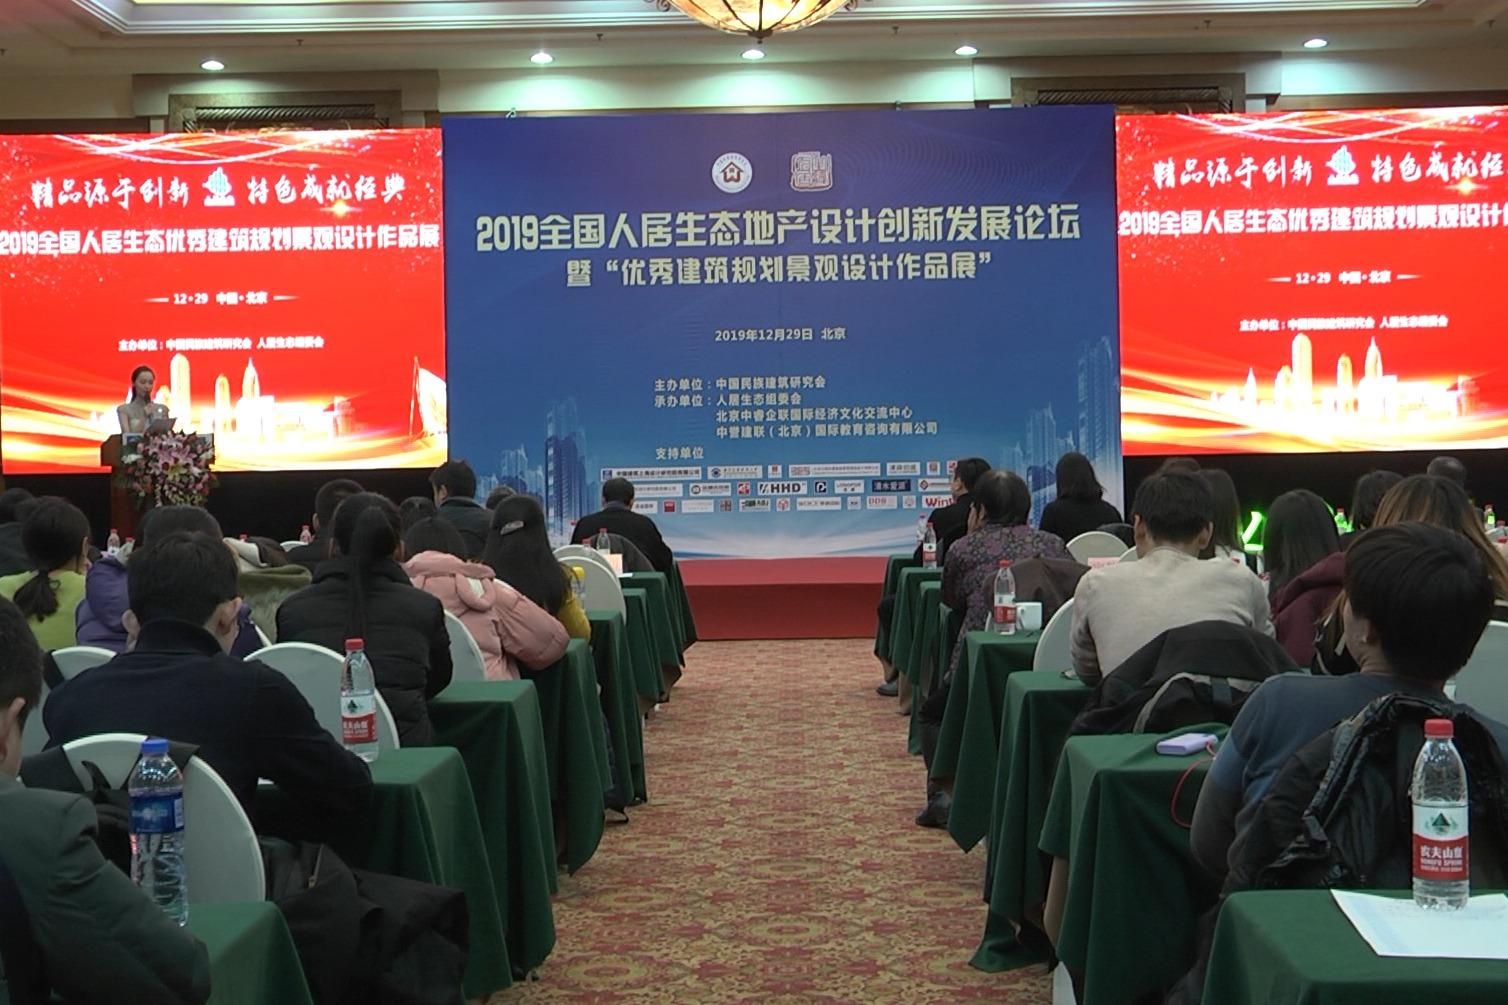 2019全国人居生态地产设计创新发展论坛在京举召开